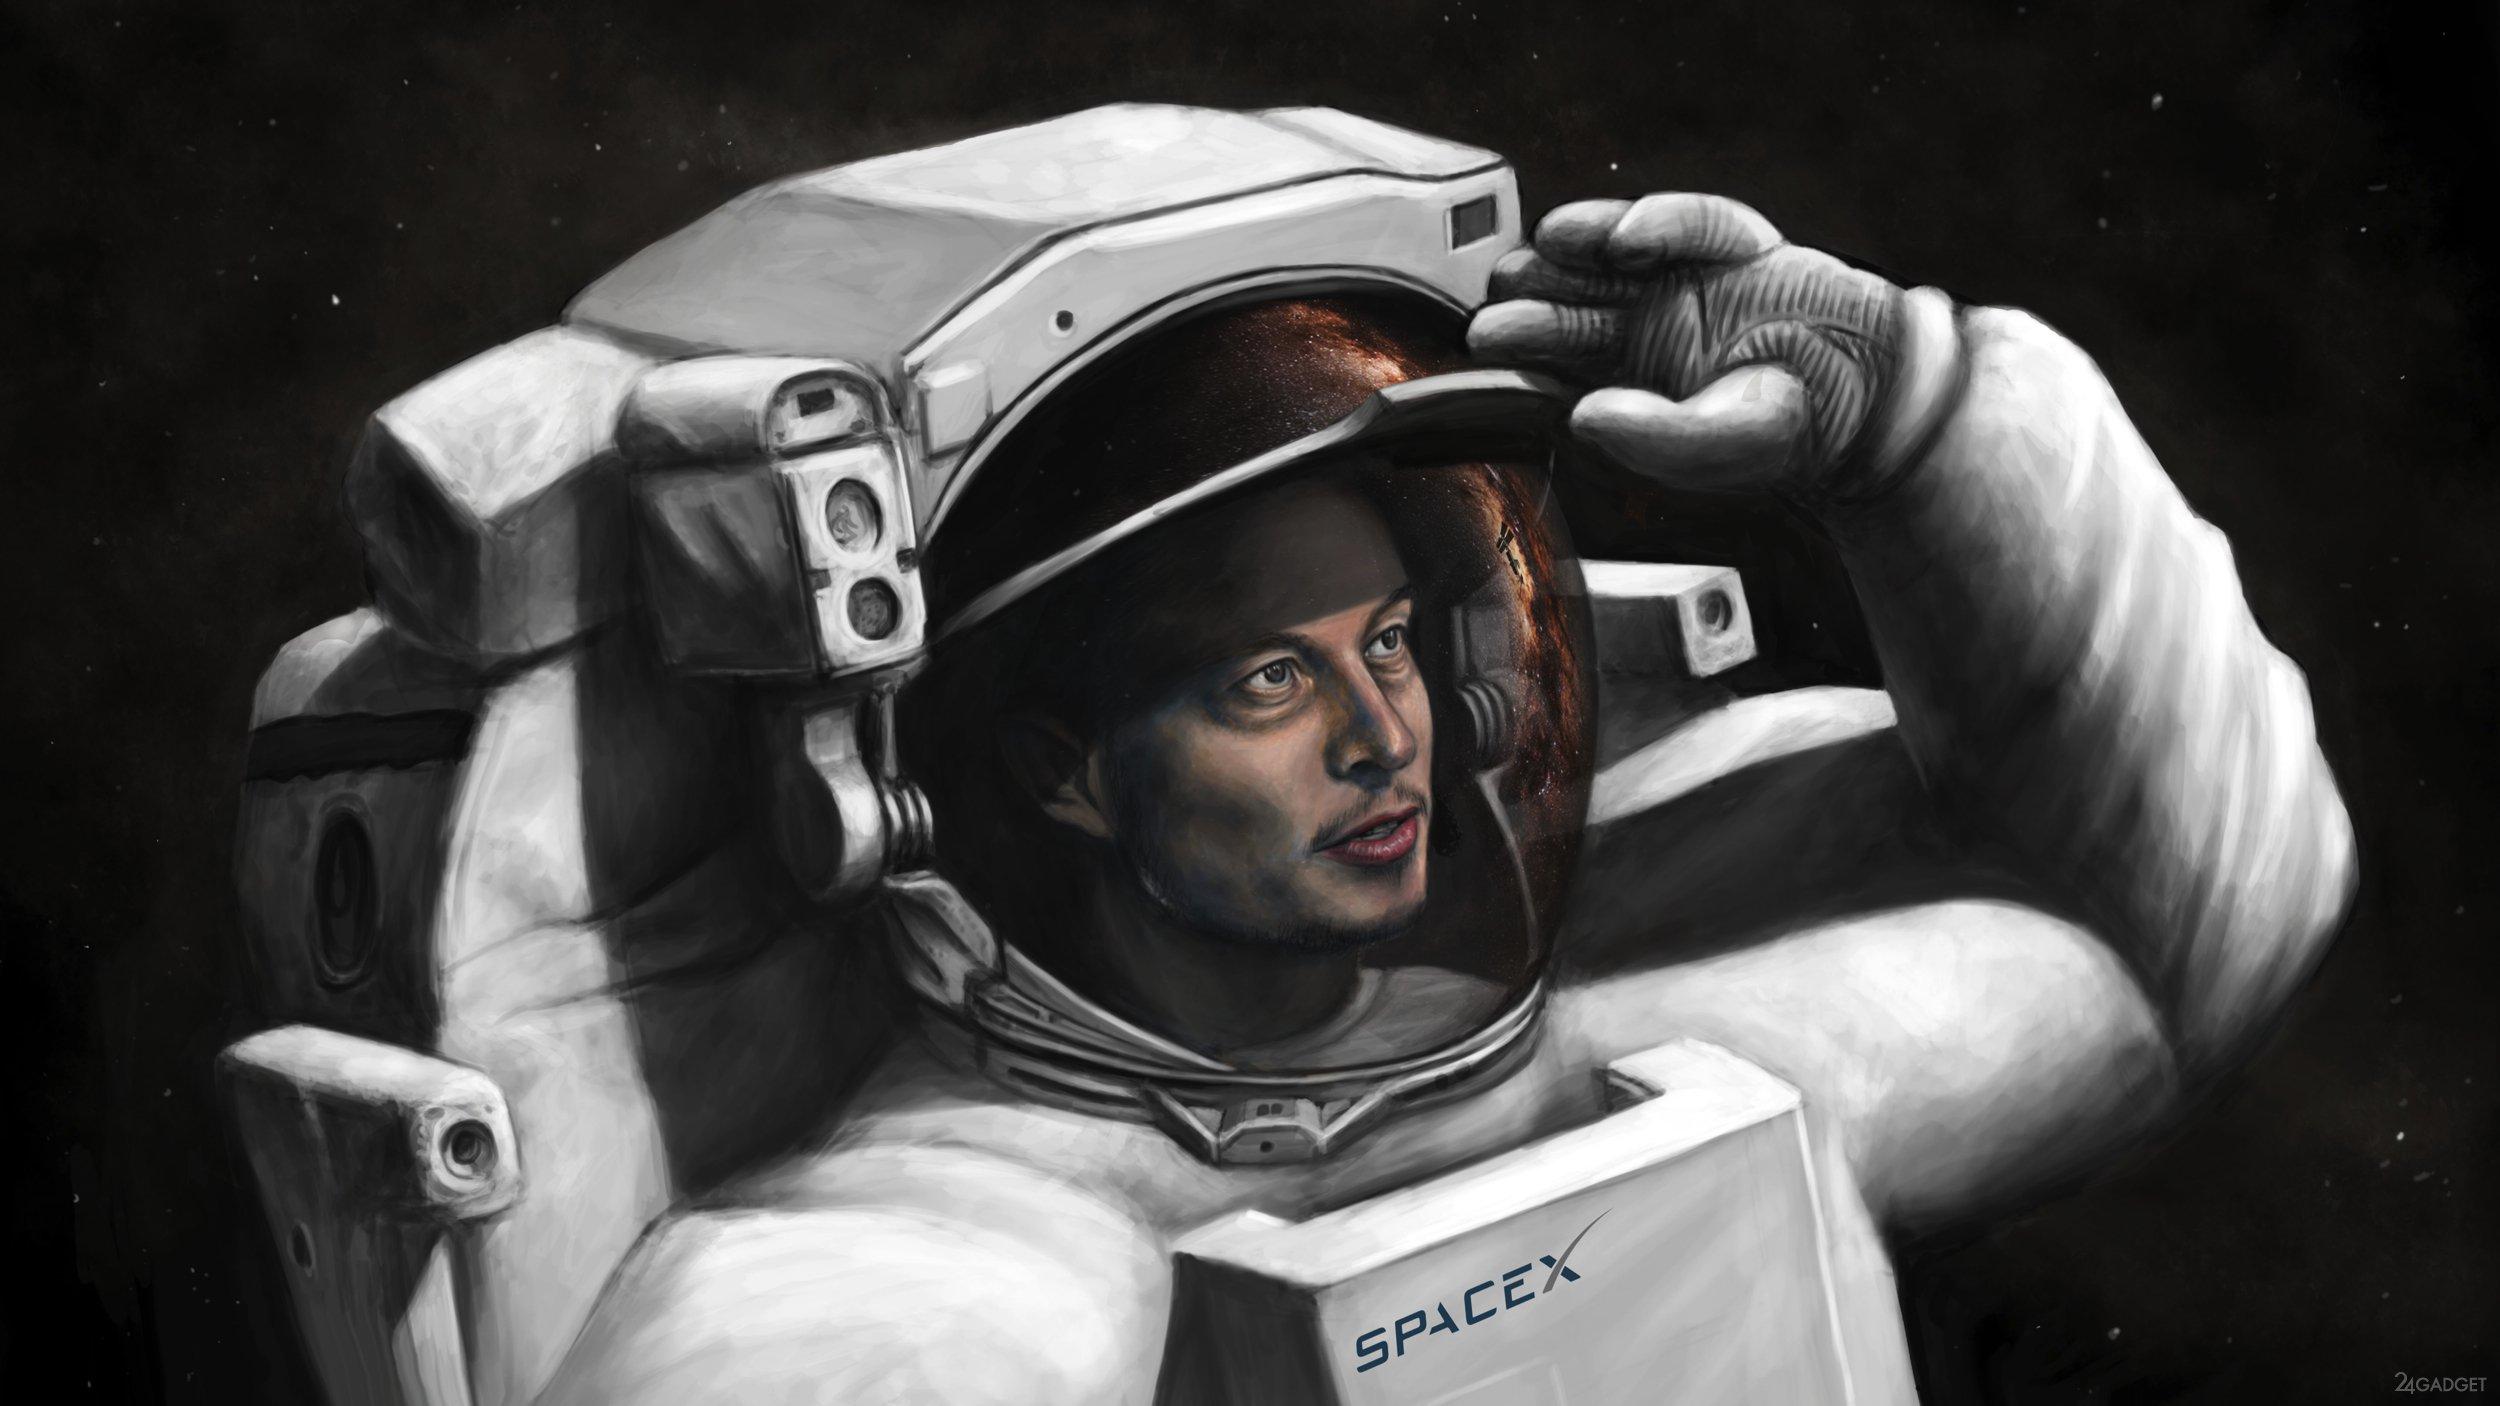 Elon Muskın bu vaxta qədər etdiyi investisiyalar və yaratdığı şirkətlər